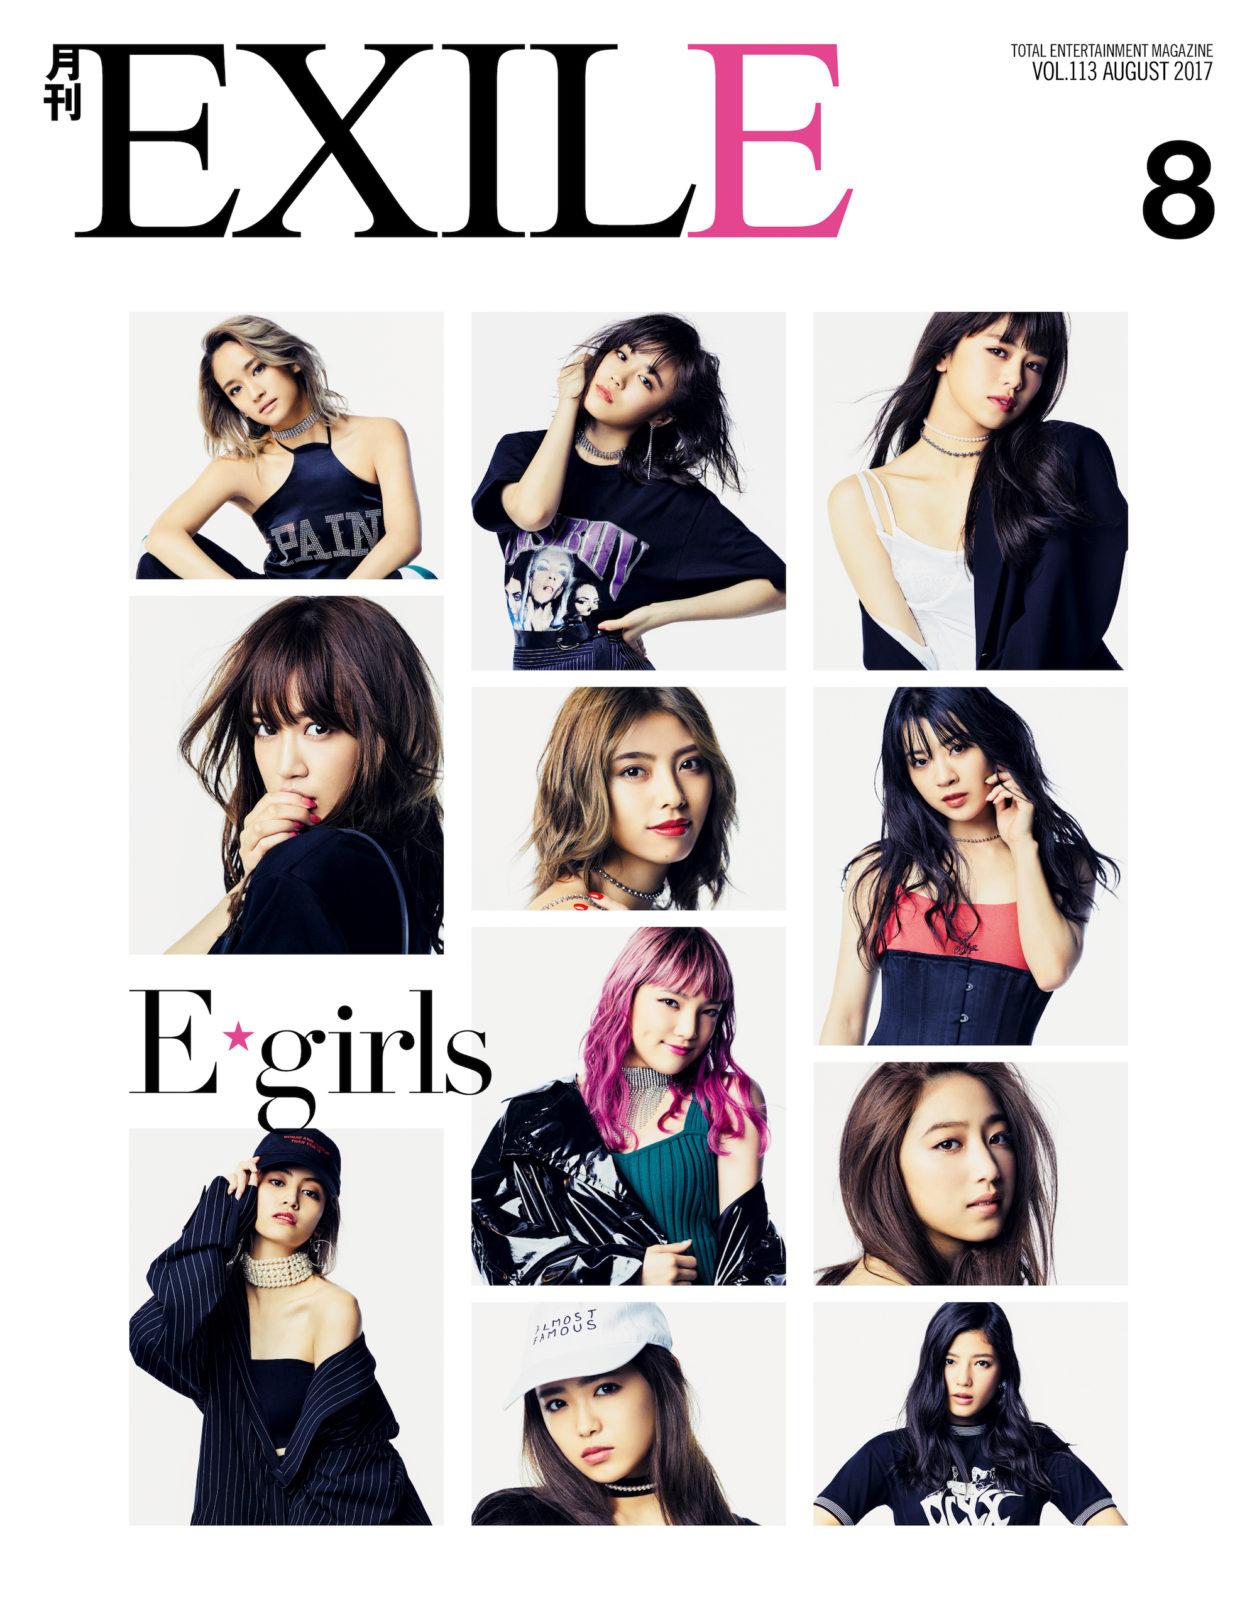 E.G.familyの紹介も含め全30ページ独占『新生E-girlsにしかできないことをたくさん届けていく』サムネイル画像